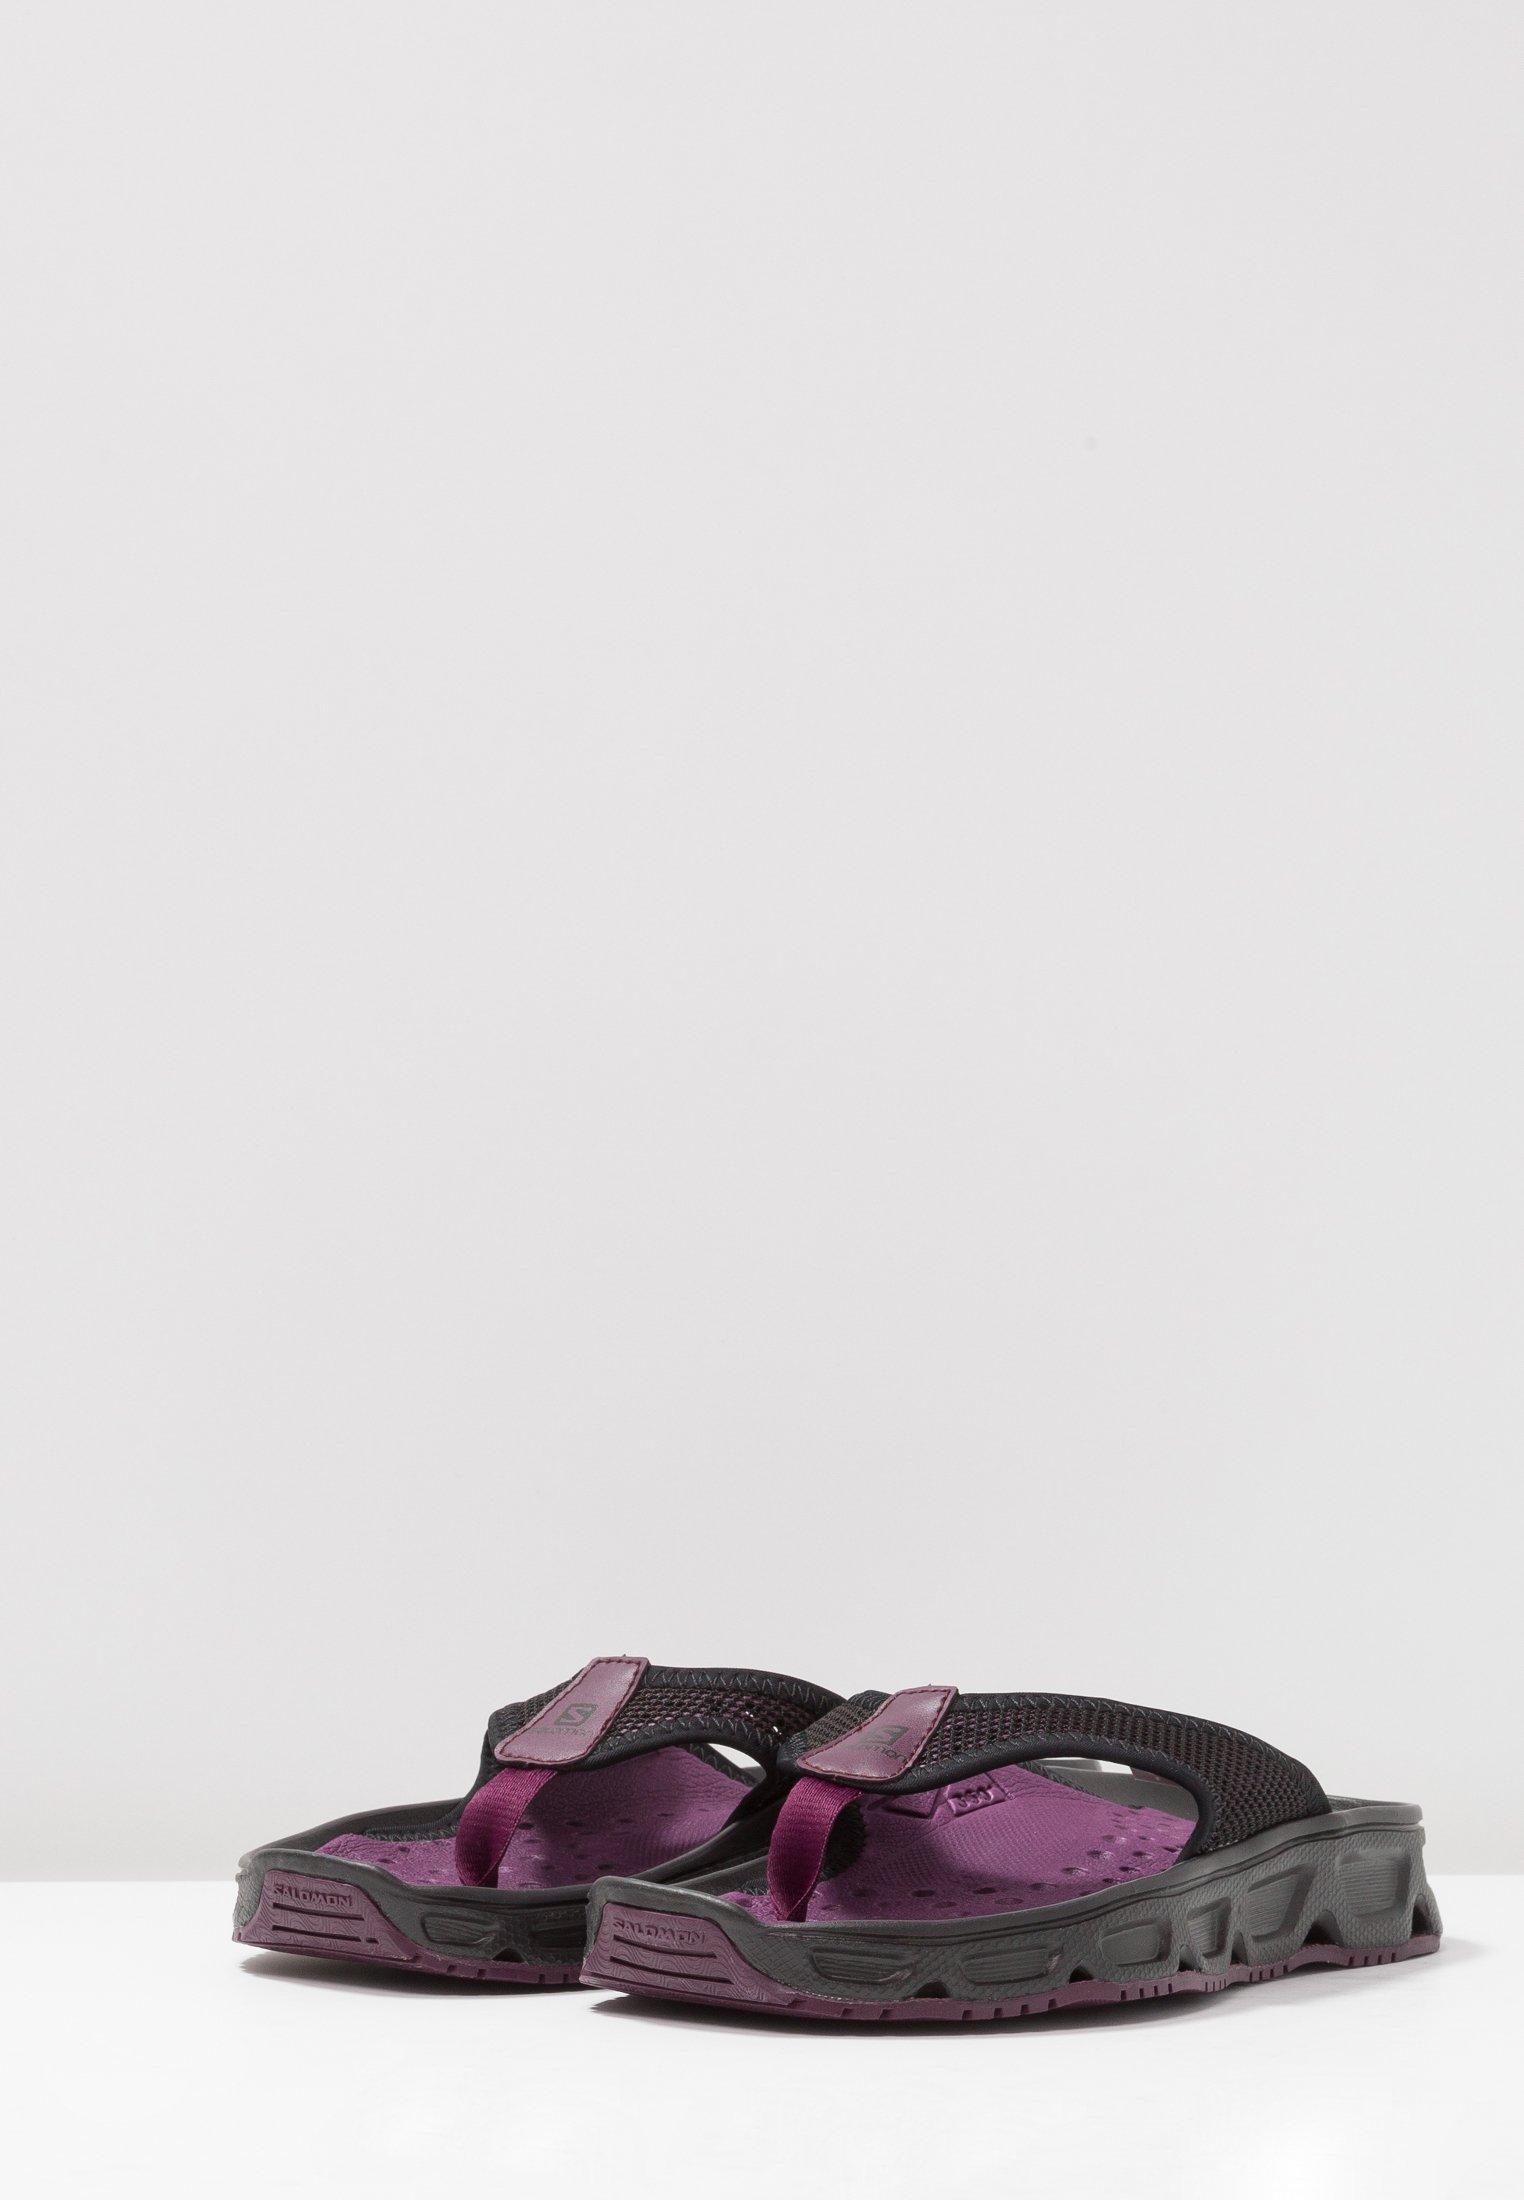 De black Potent 4 Break Purple Rx 0Sandales Randonnée Salomon kiuTwZOPX